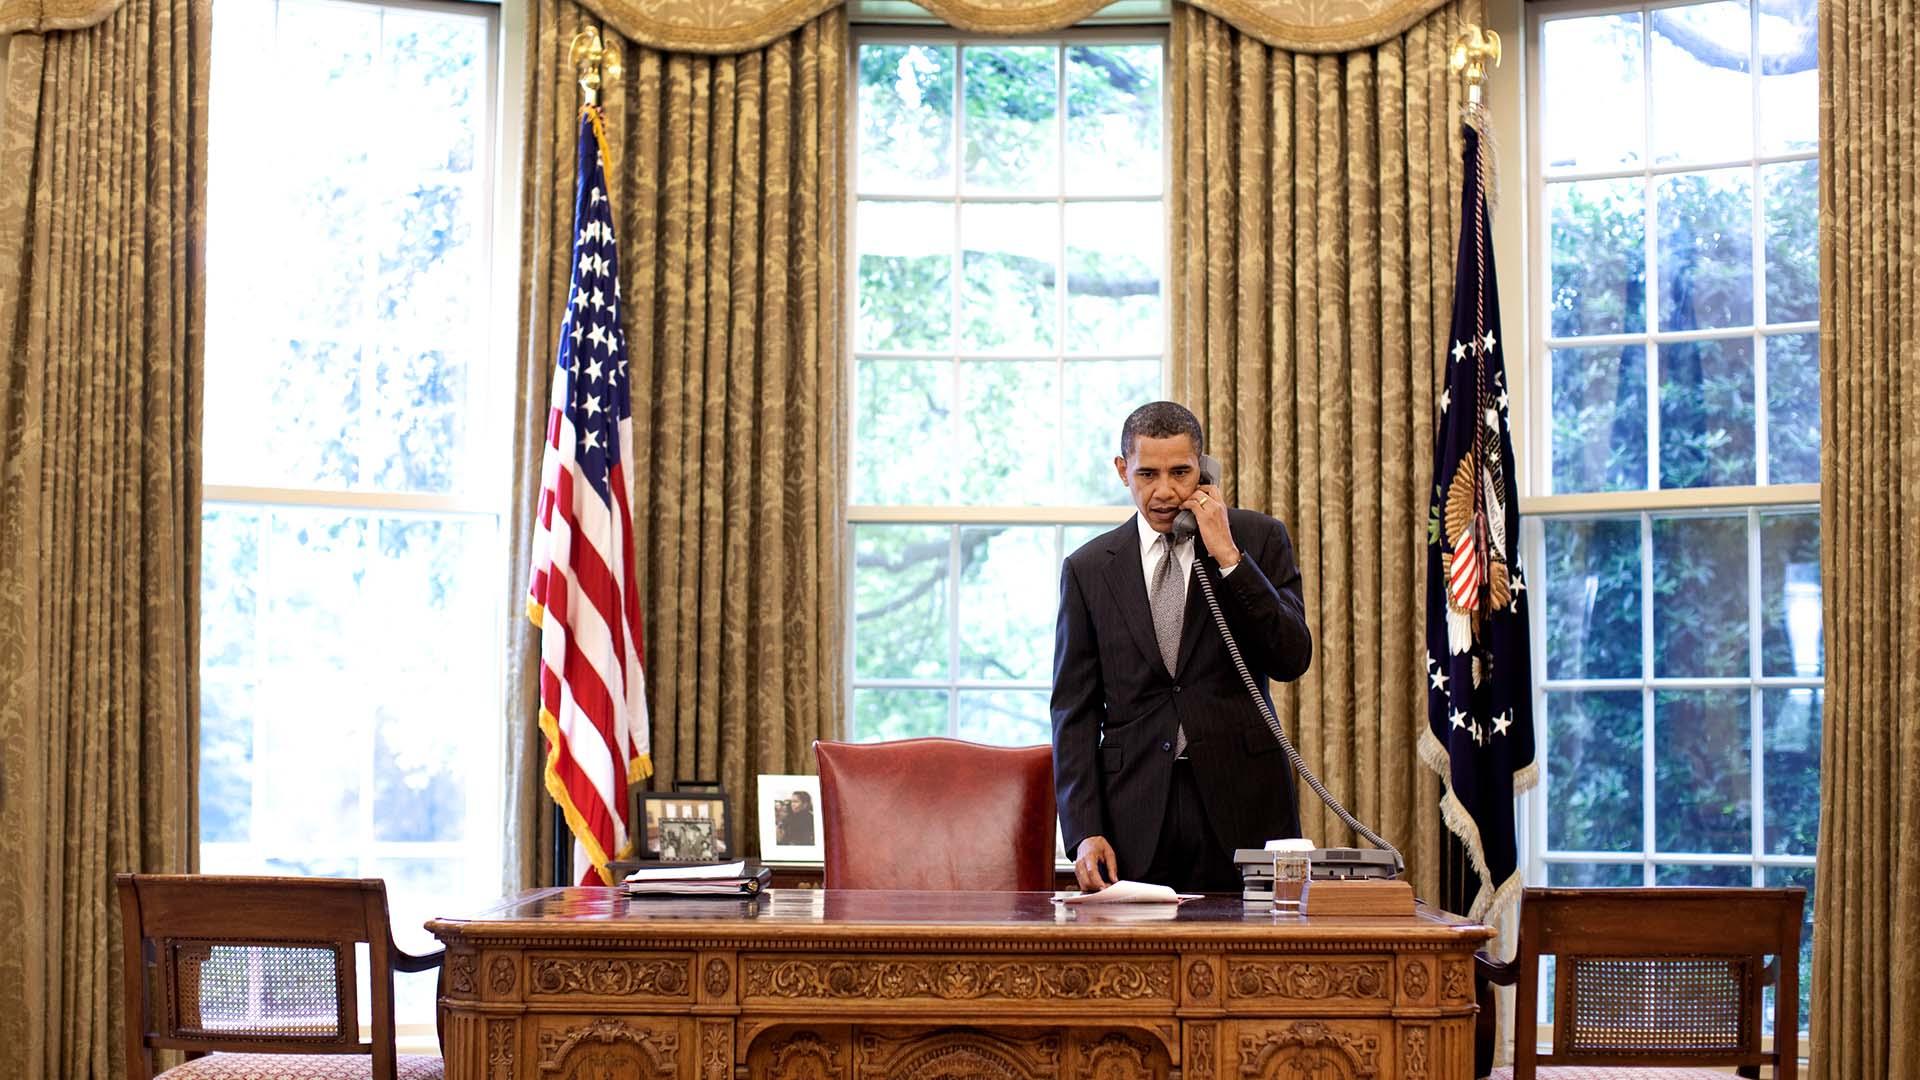 Obama veut faire la lumi re sur les attaques informatiques pendant l 39 lection politique numerama for Bureau ovale